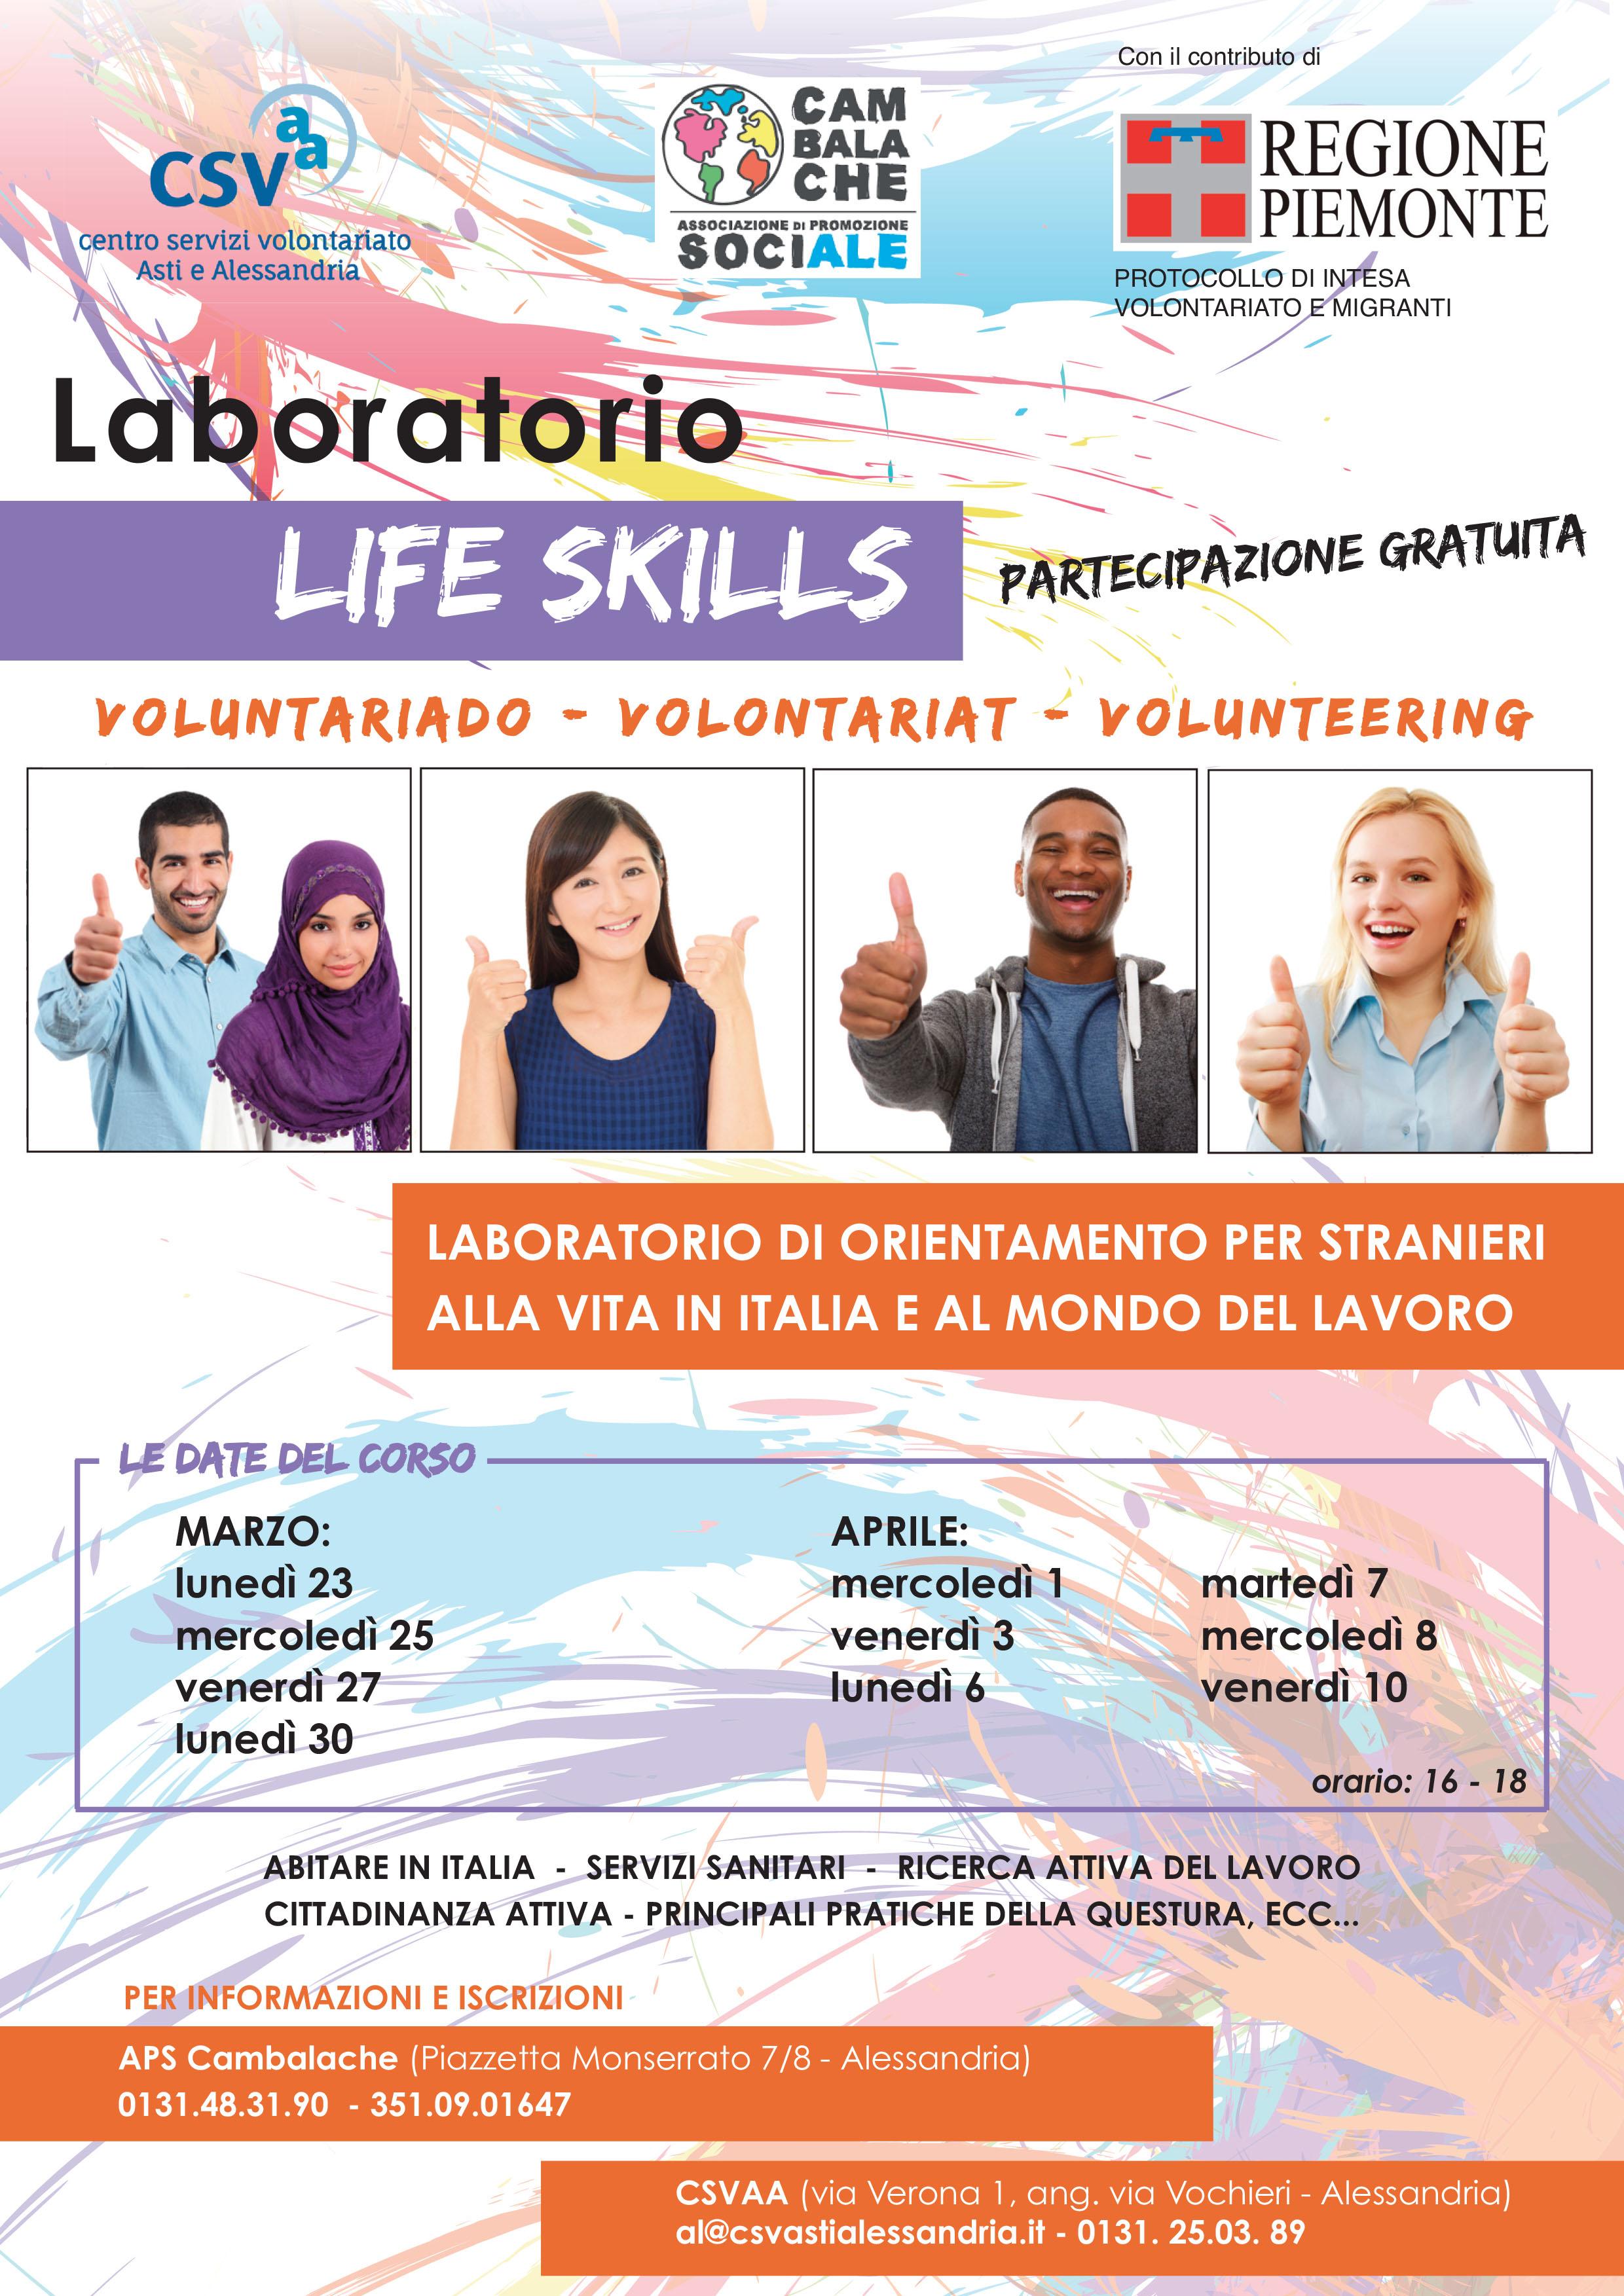 Life Skills, un laboratorio gratuito di orientamento per stranieri promosso da CSVAA e Cambalache